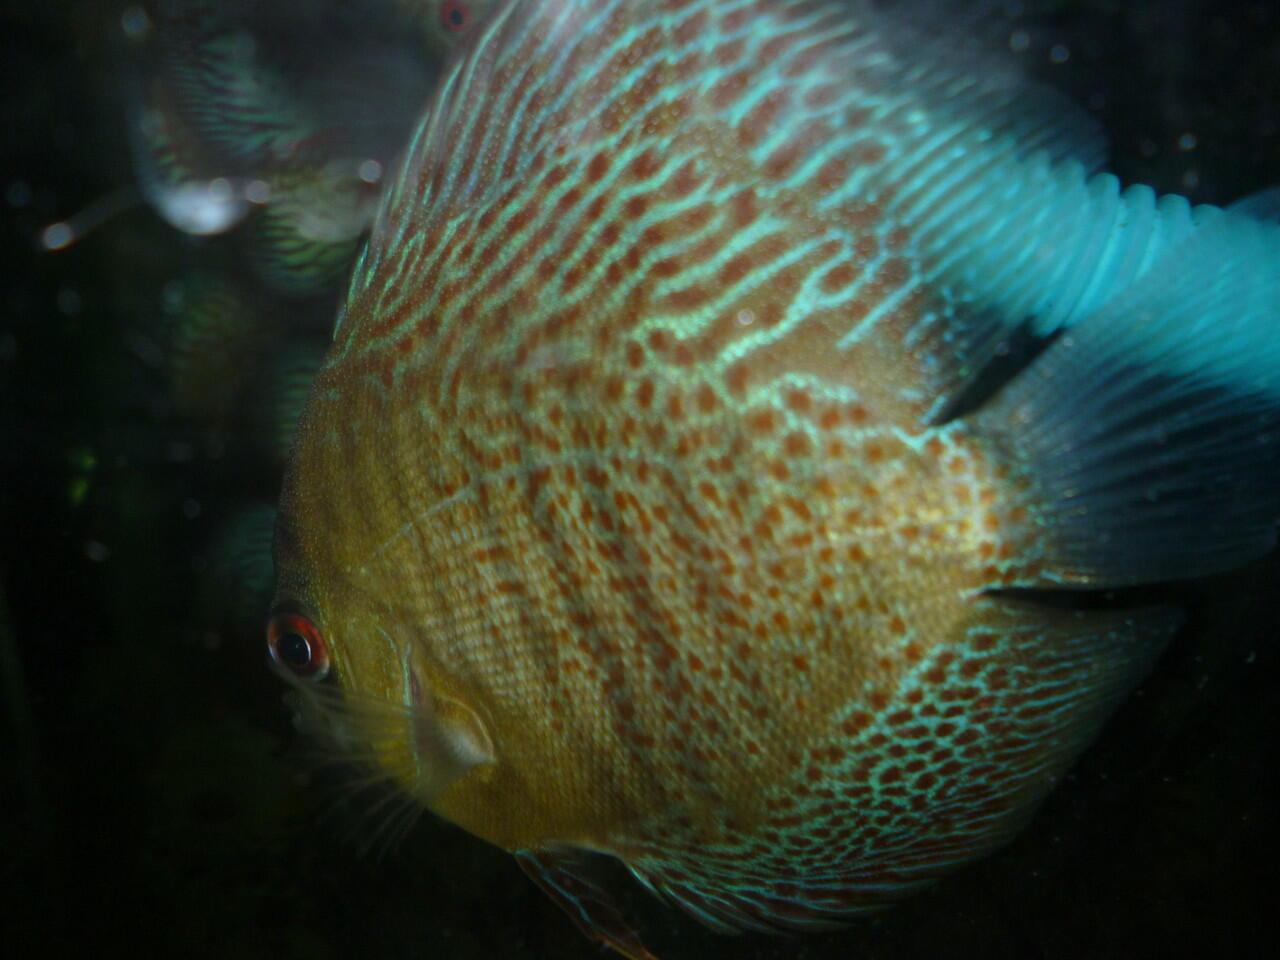 Ikan discus LSS, jungle, pigeon snake, dll cekidot